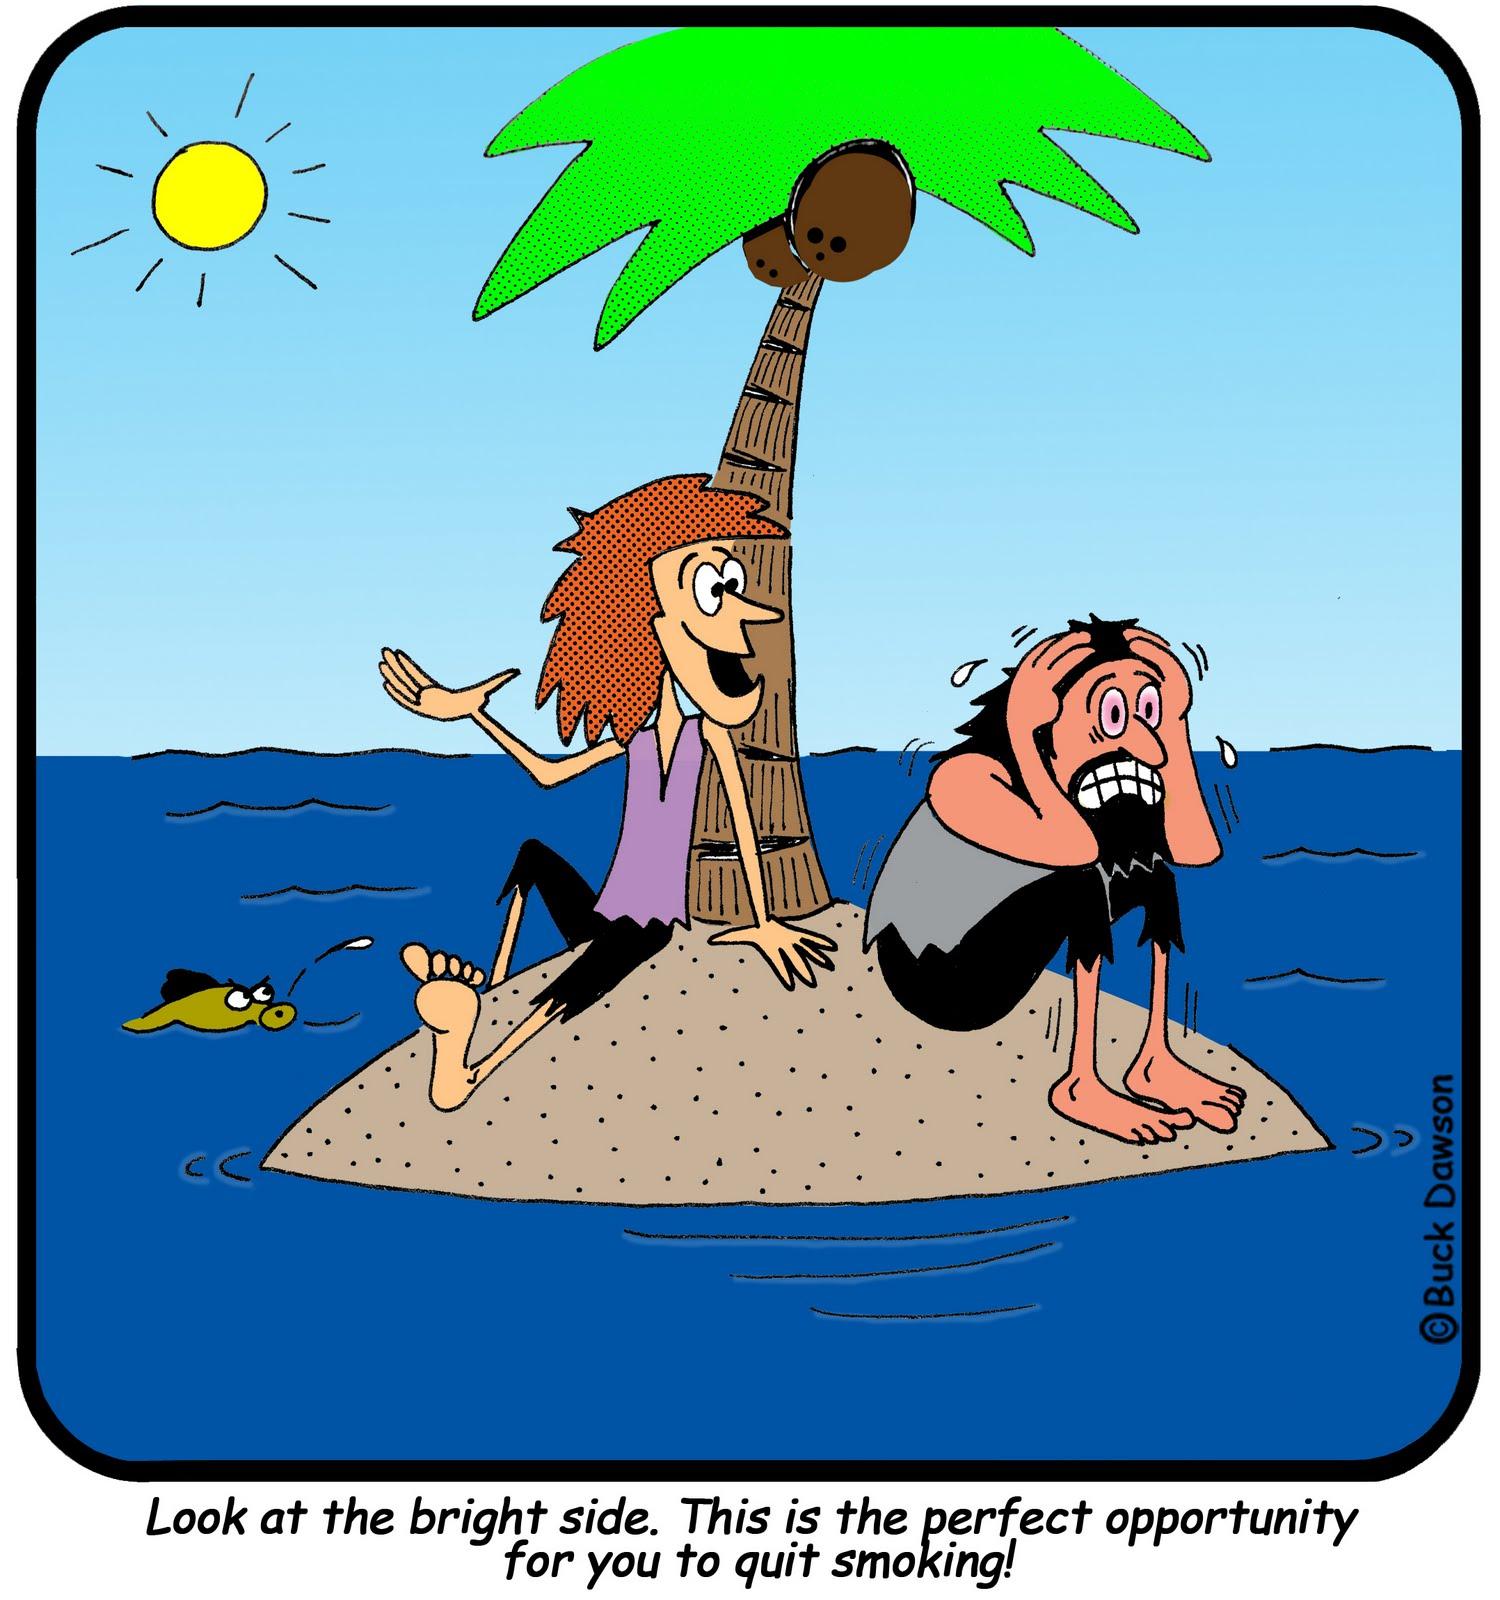 смешные картинки на необитаемом острове хочется поделиться